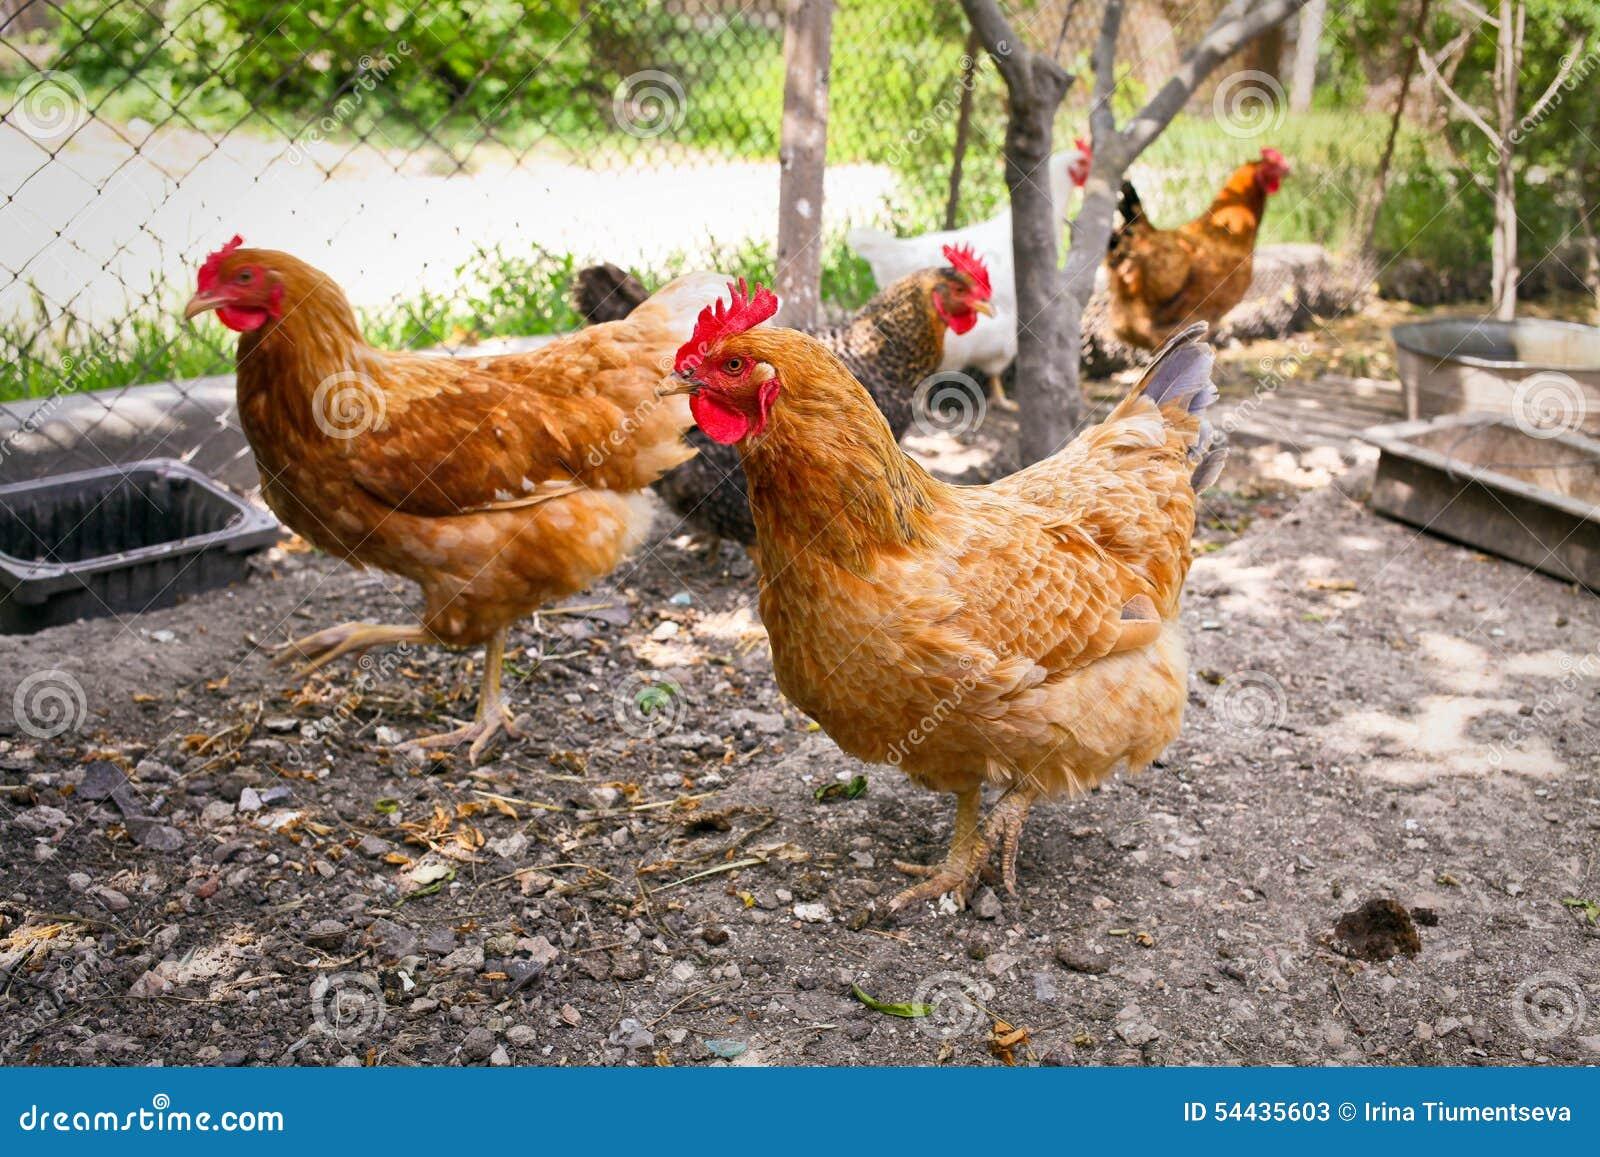 Pollos En Yarda De Las Aves De Corral Imagen De Archivo